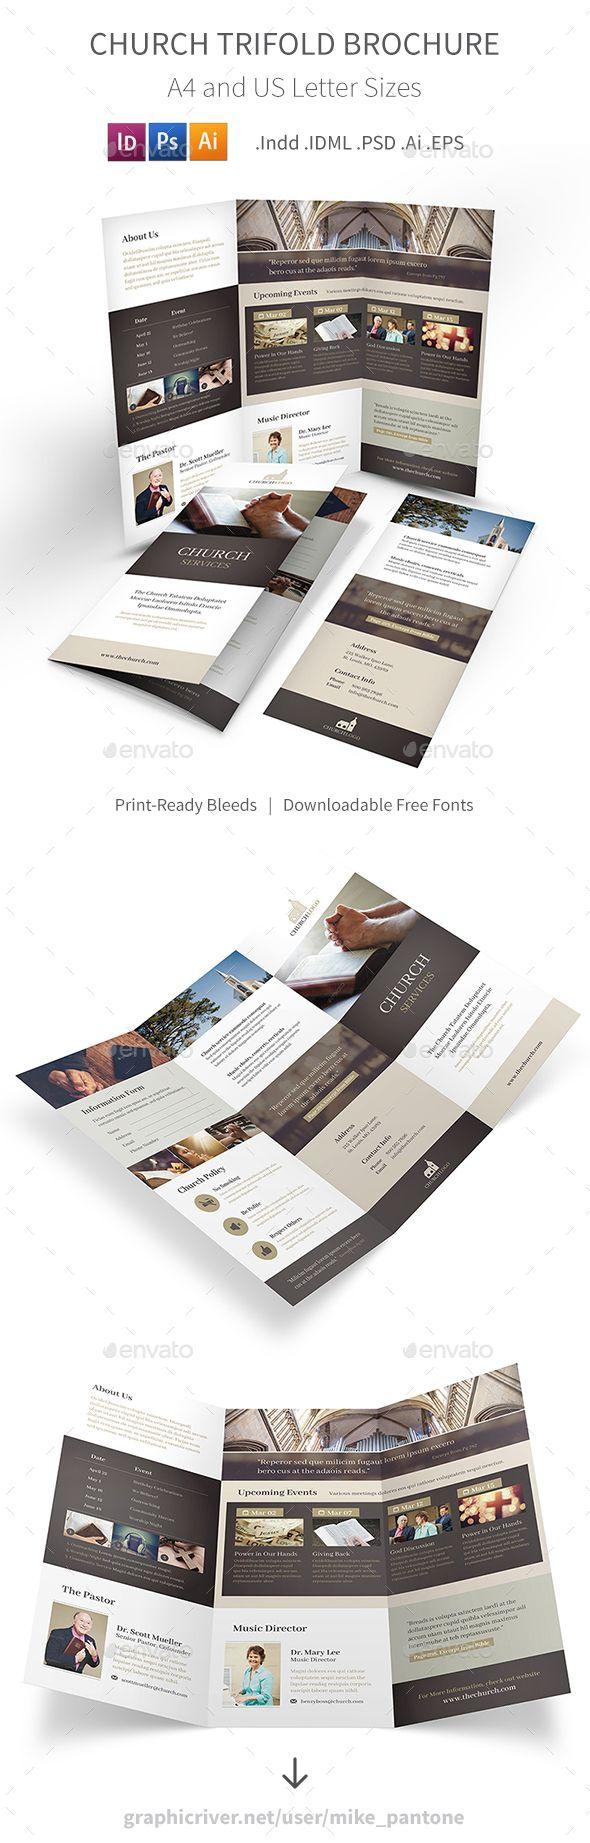 Church Trifold Brochure 4 | Anuncios, Catálogo y Marketing